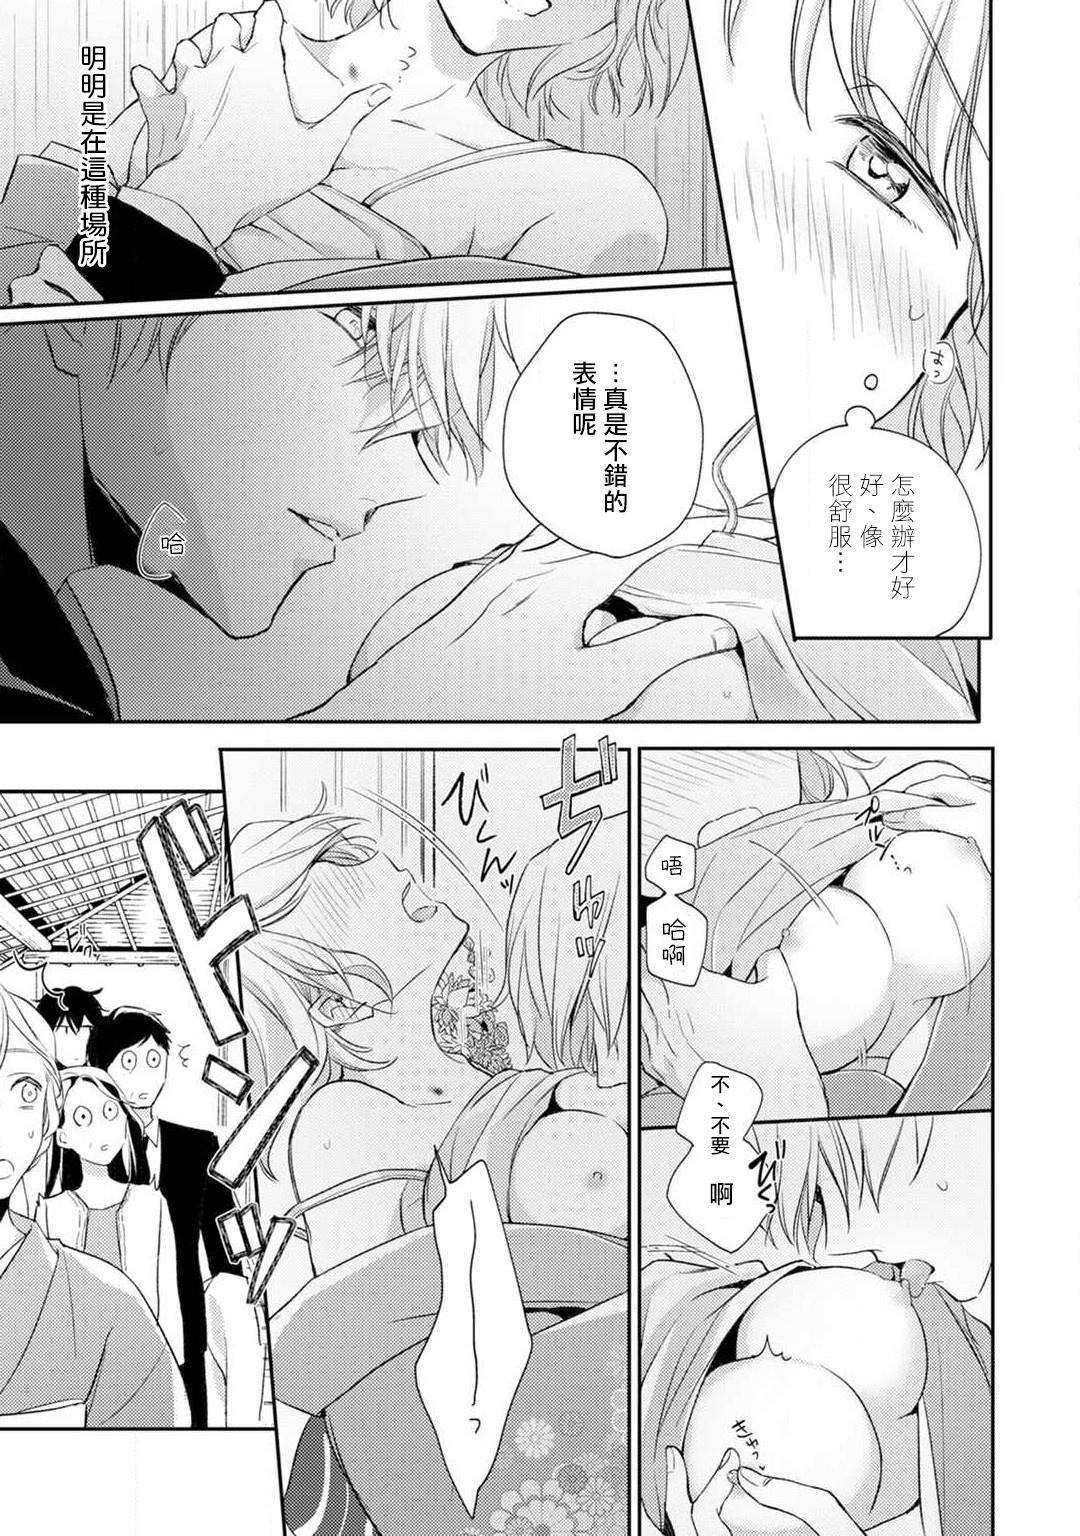 [Shichigatsu Motomi]  Sonna Kao shite, Sasotteru? ~Dekiai Shachou to Migawari Omiaikekkon!?~ 1-11  這種表情,在誘惑我嗎?~溺愛社長和替身相親結婚!? [Chinese] [拾荒者汉化组] 19